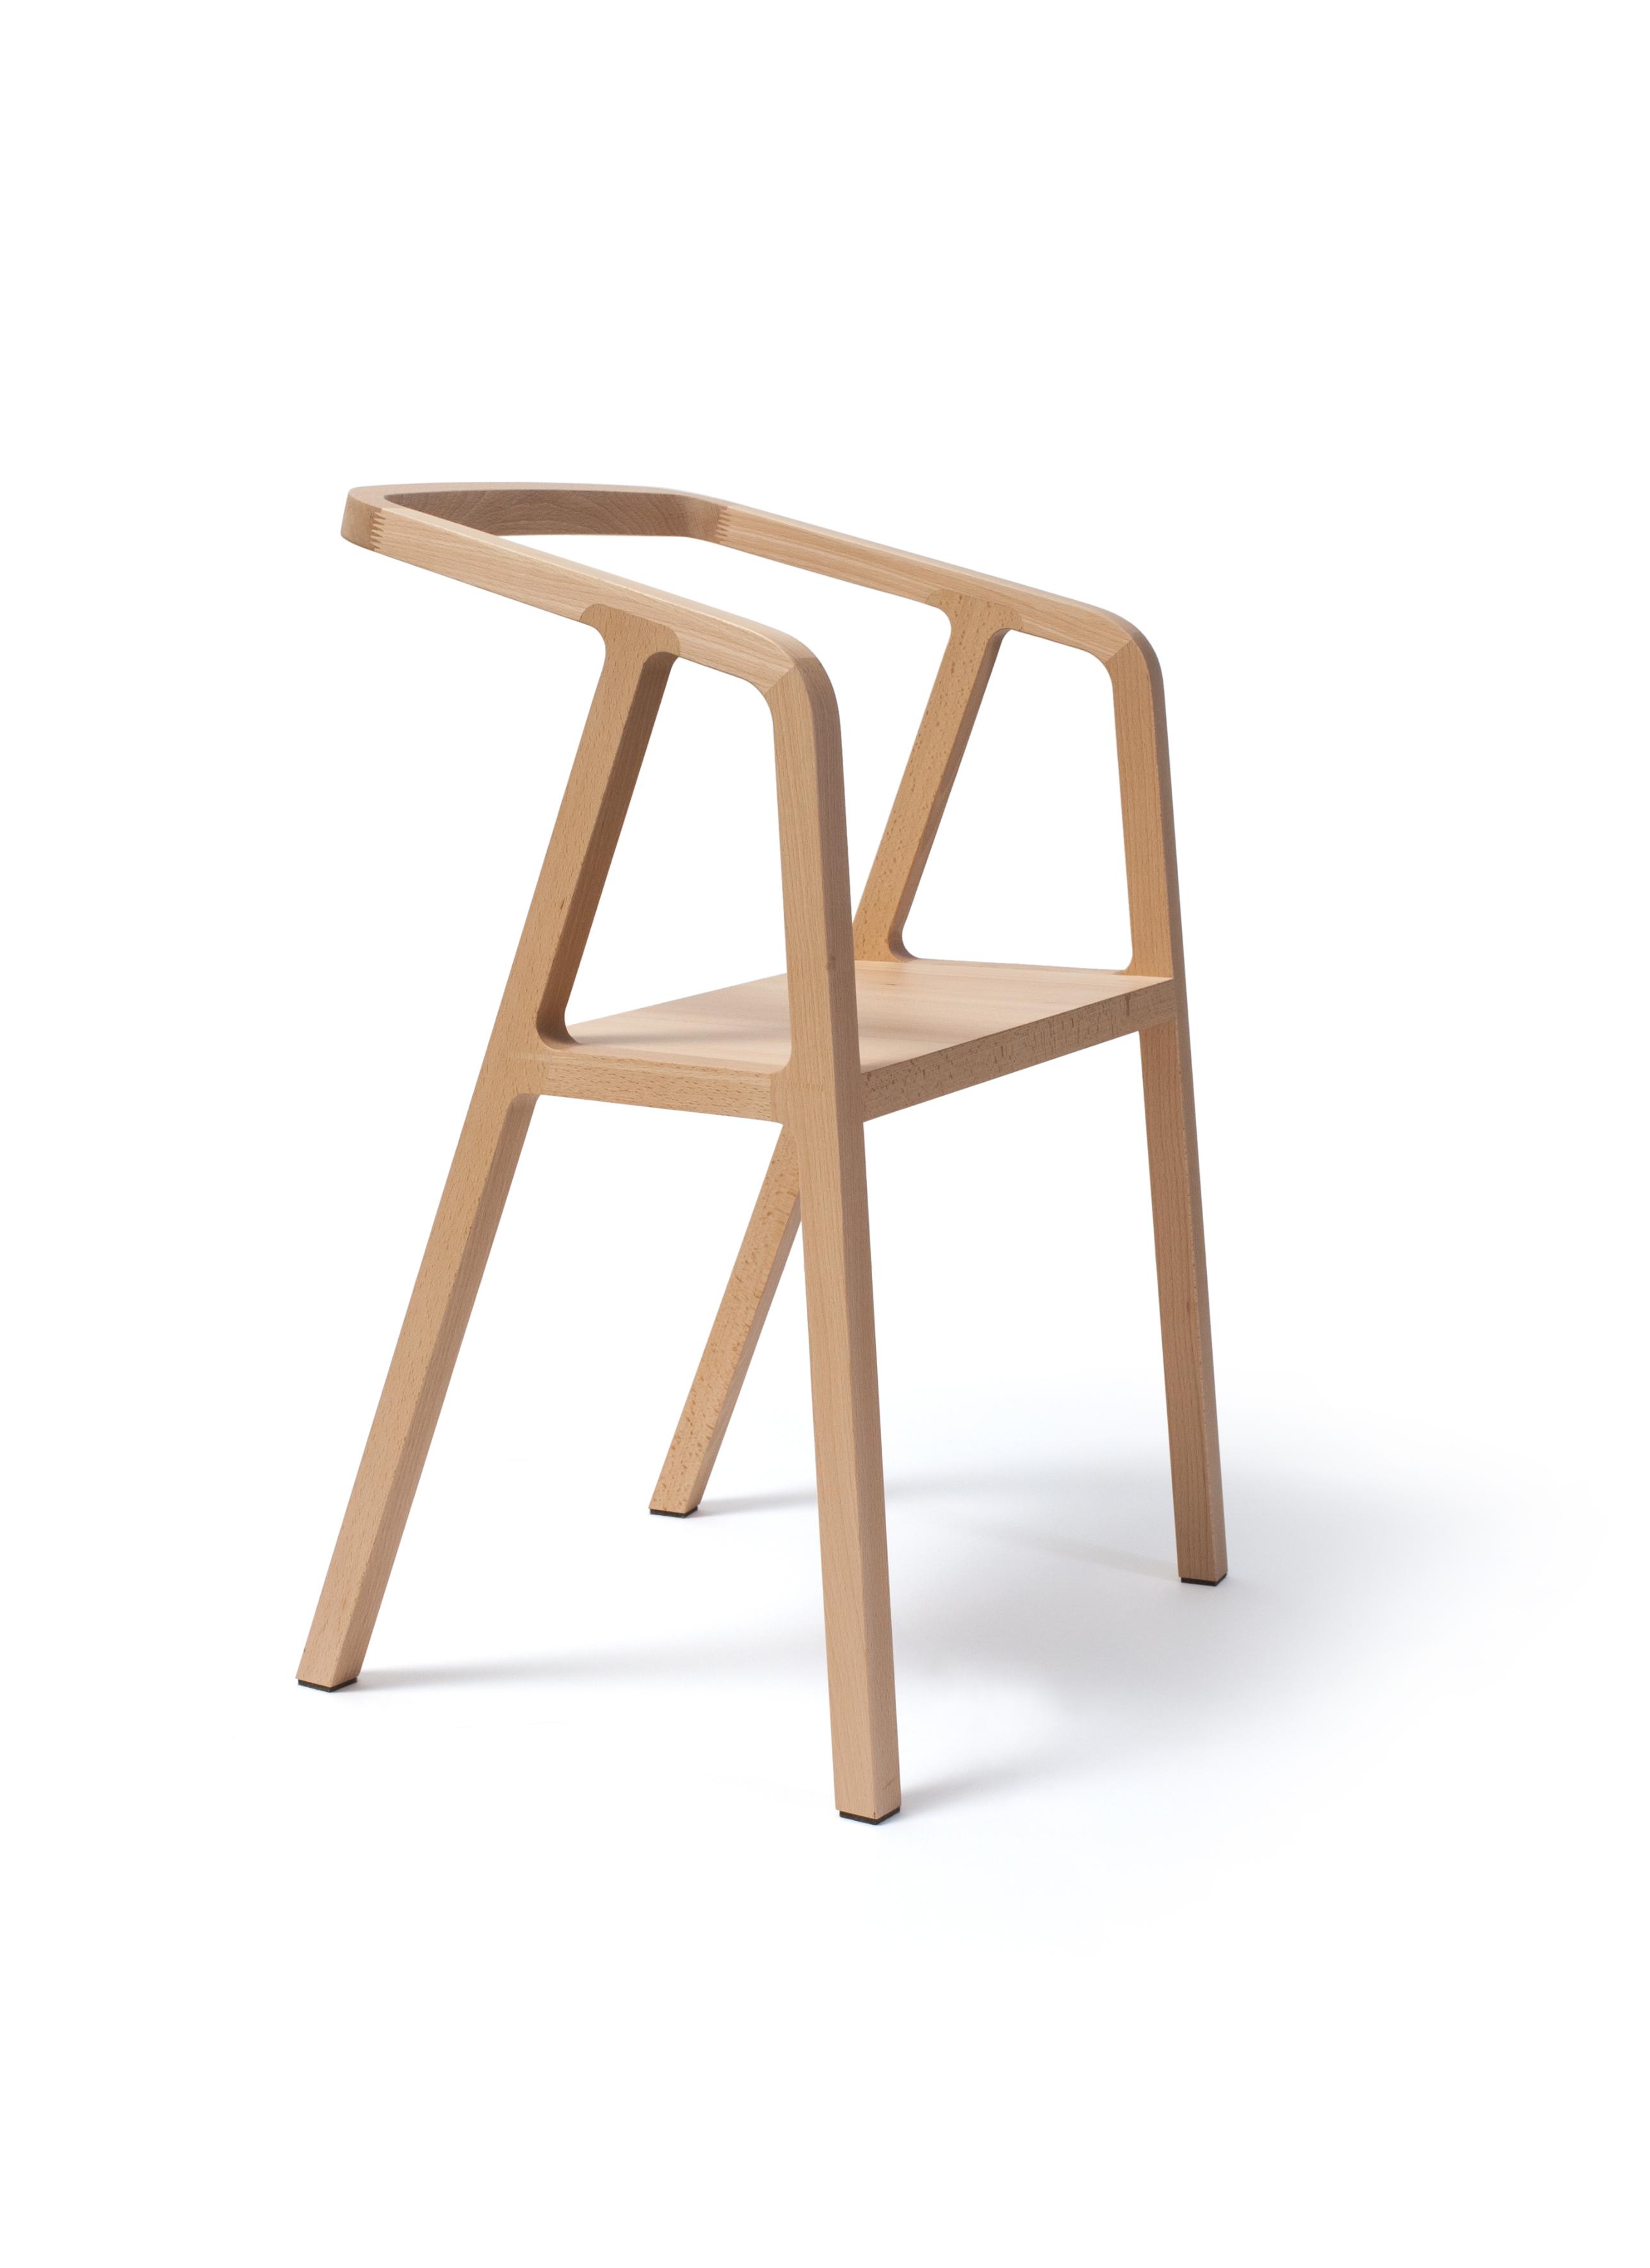 A-Chair by Thomas Feichtner for Schmidinger Möbelbau